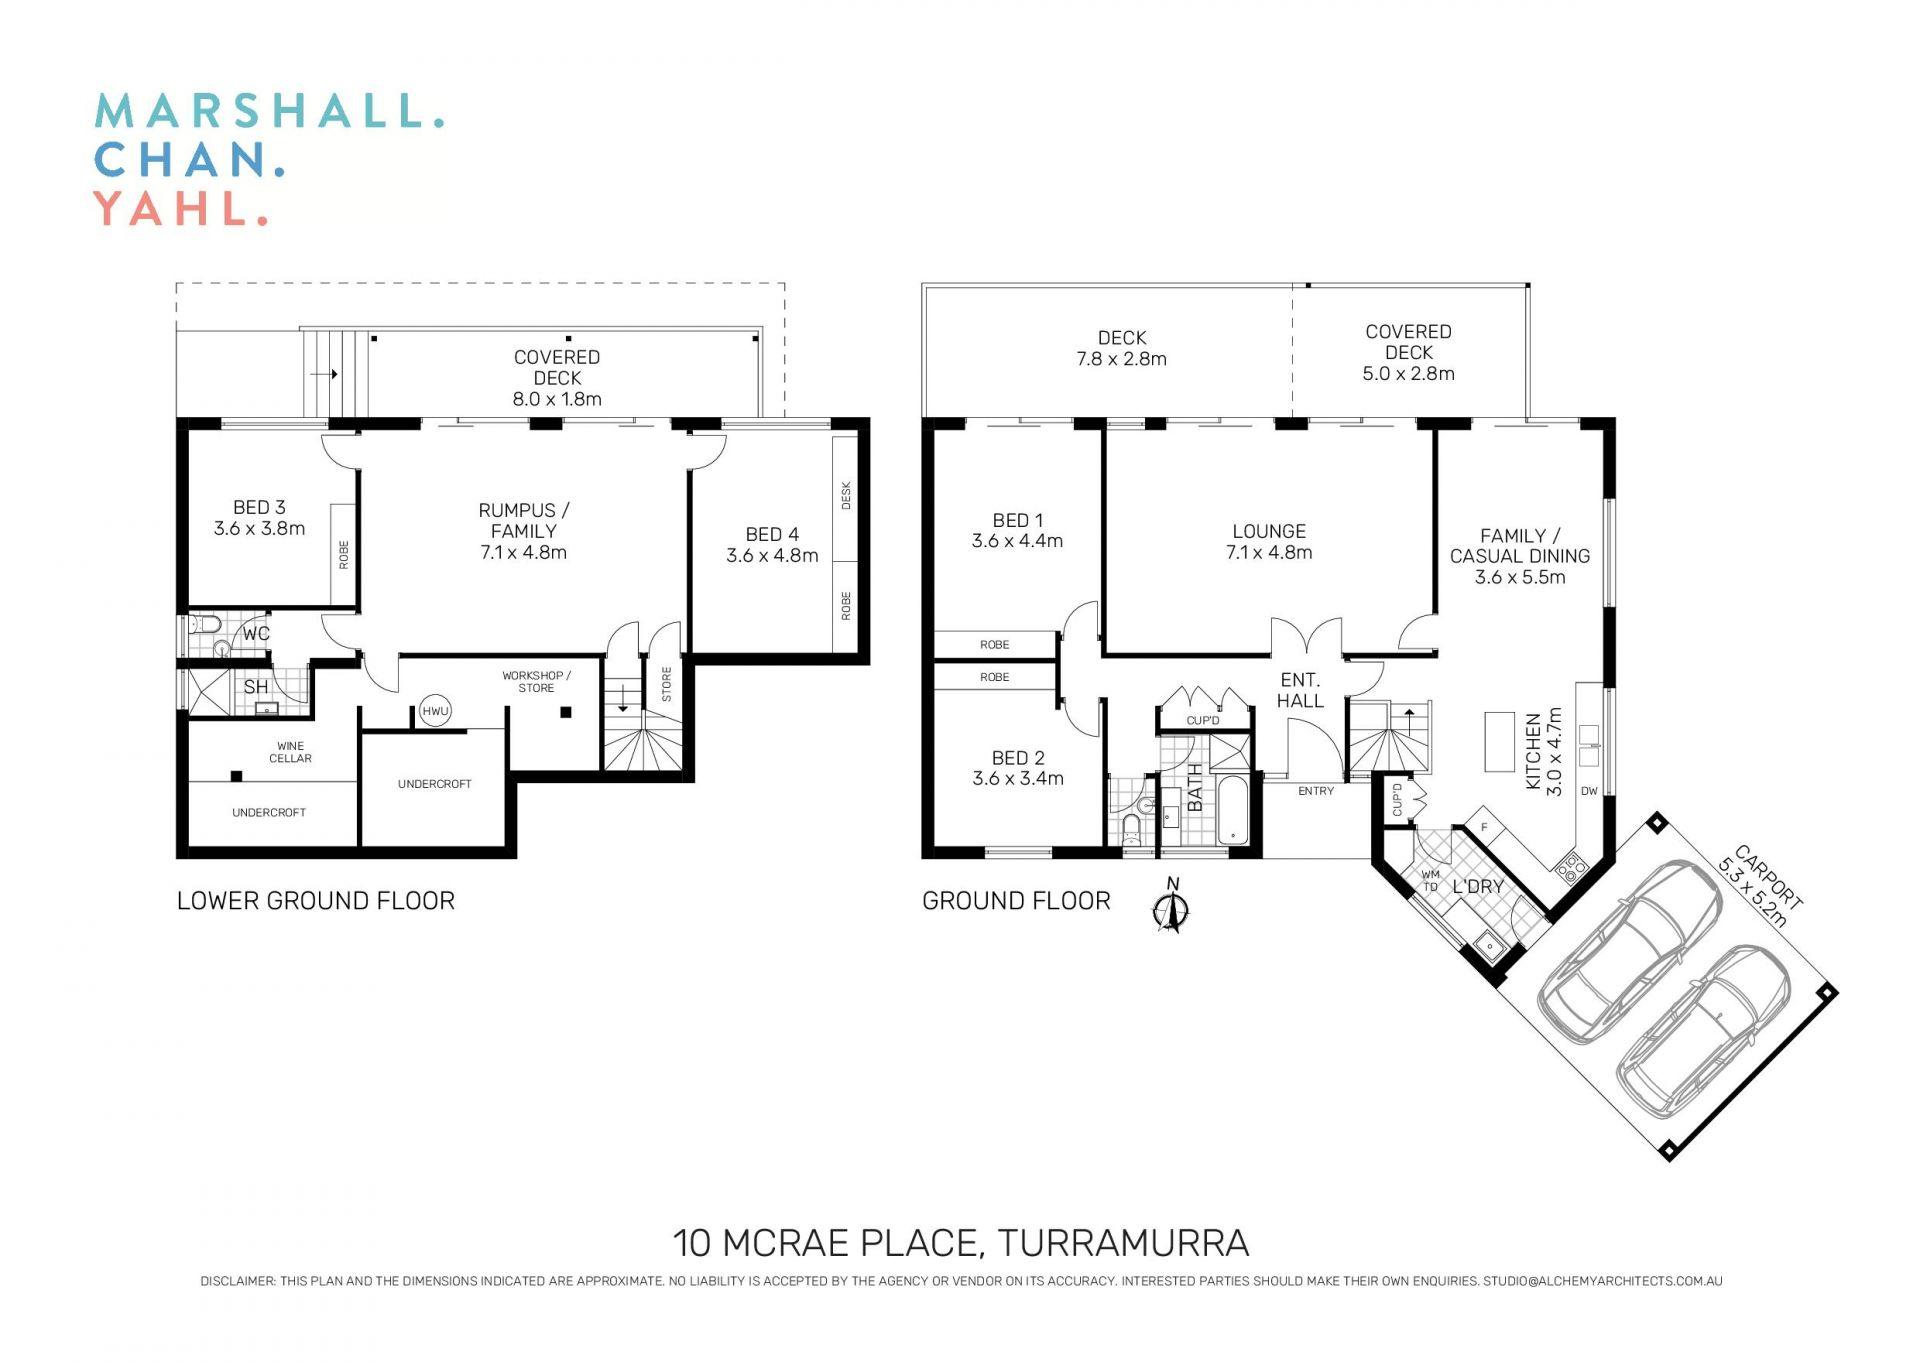 10 McRae Place Turramurra 2074